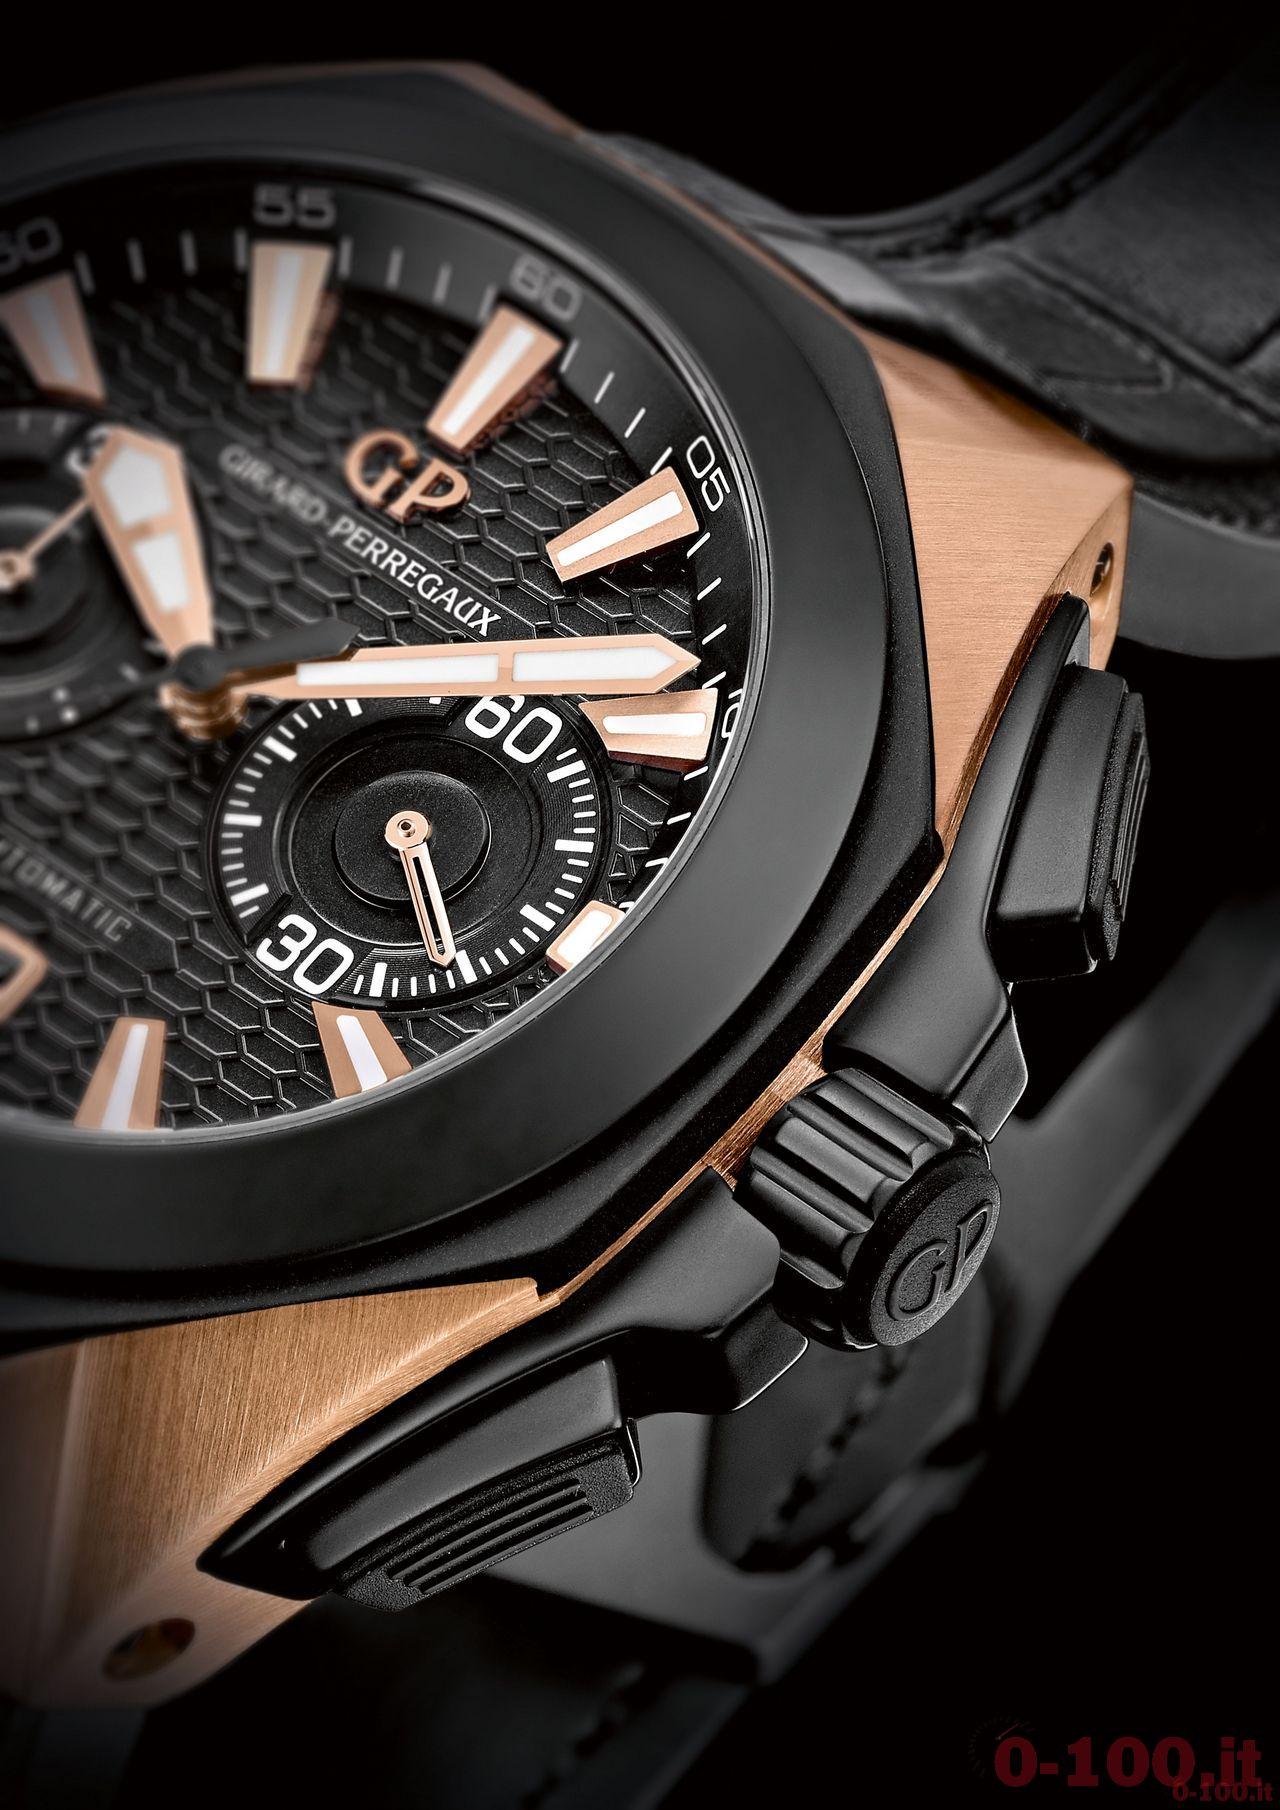 girard-perregaux-chrono-hawk-oro-rosa-ref-49970-34-633-bb6b-prezzo-price_0-1004